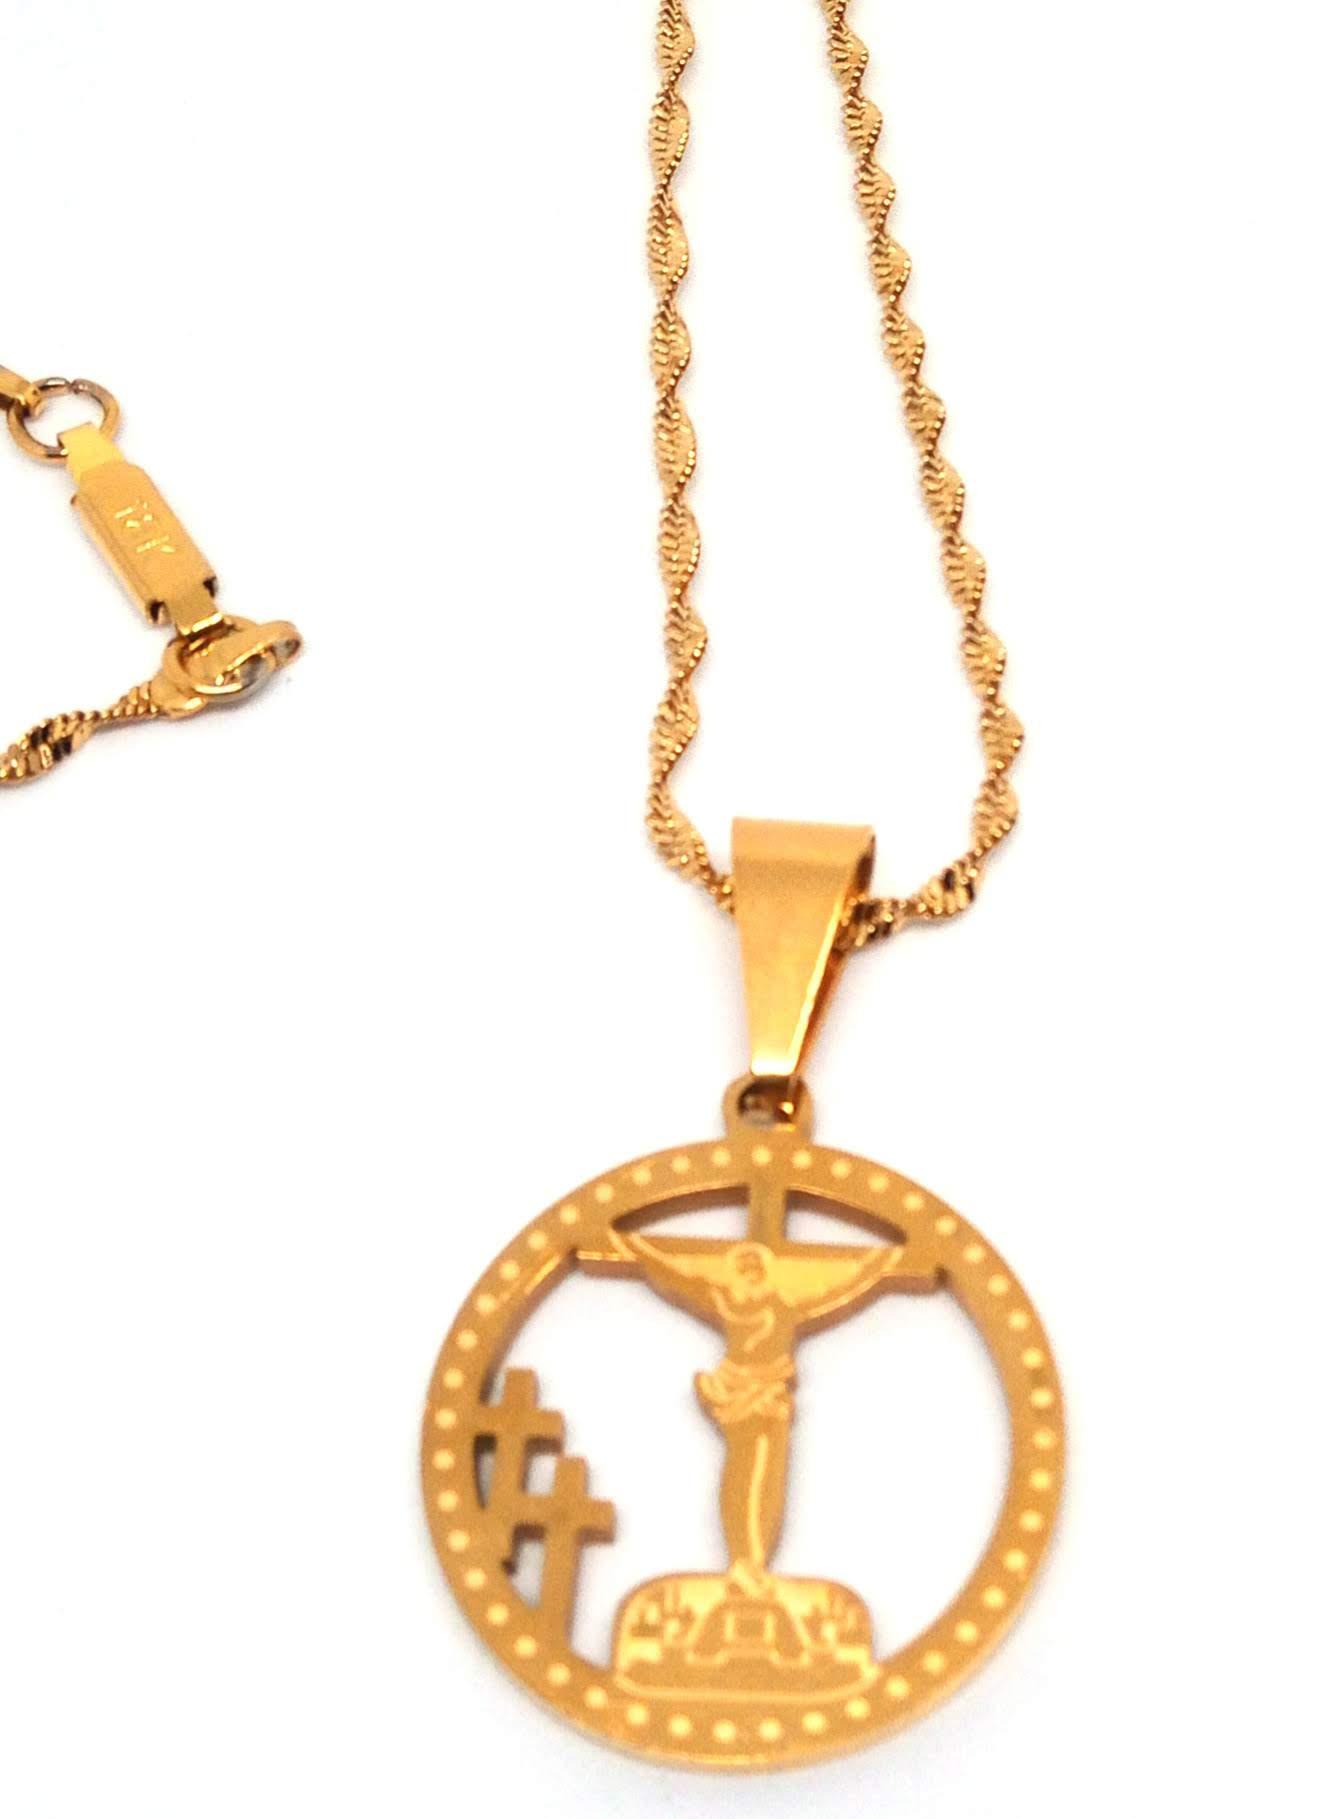 Corrente Cordão Malha Corda Banhada Ouro 18k Cristo na Cruz